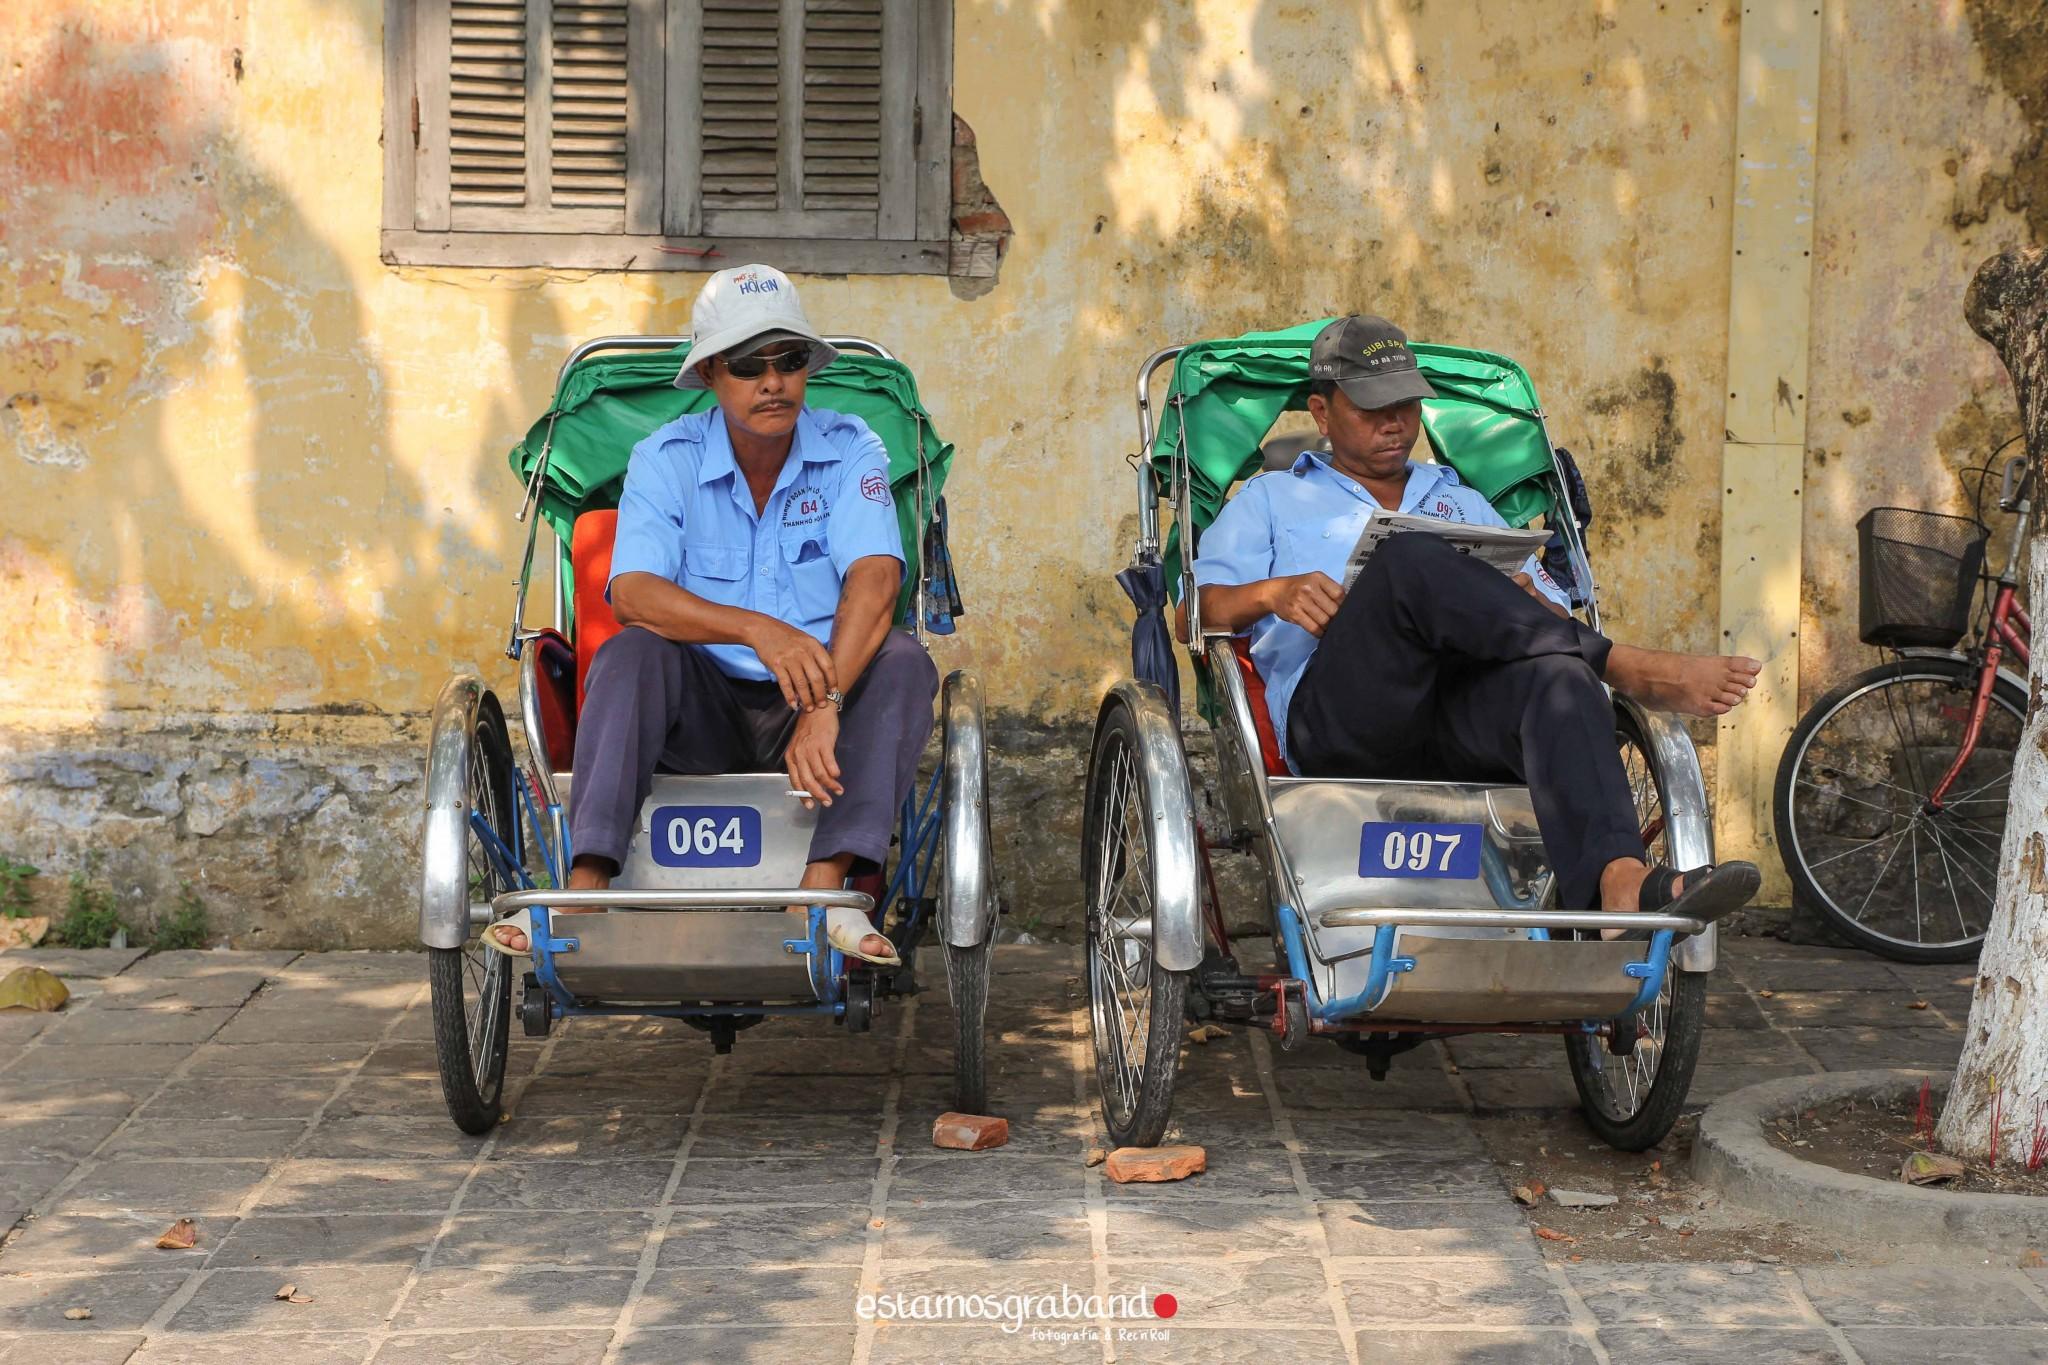 reportaje-vietnam_fotograficc81a-vietnam_estamosgrabando-vietnam_rutasvietnam_reportaje-retratos-fotos-vietnam_fotografia-vietnam_reportaje-estamosgrabando-fotograficc81a-vietnam-86 Pequeños grandes recuerdos de Vietnam en 100 imágenes - video boda cadiz